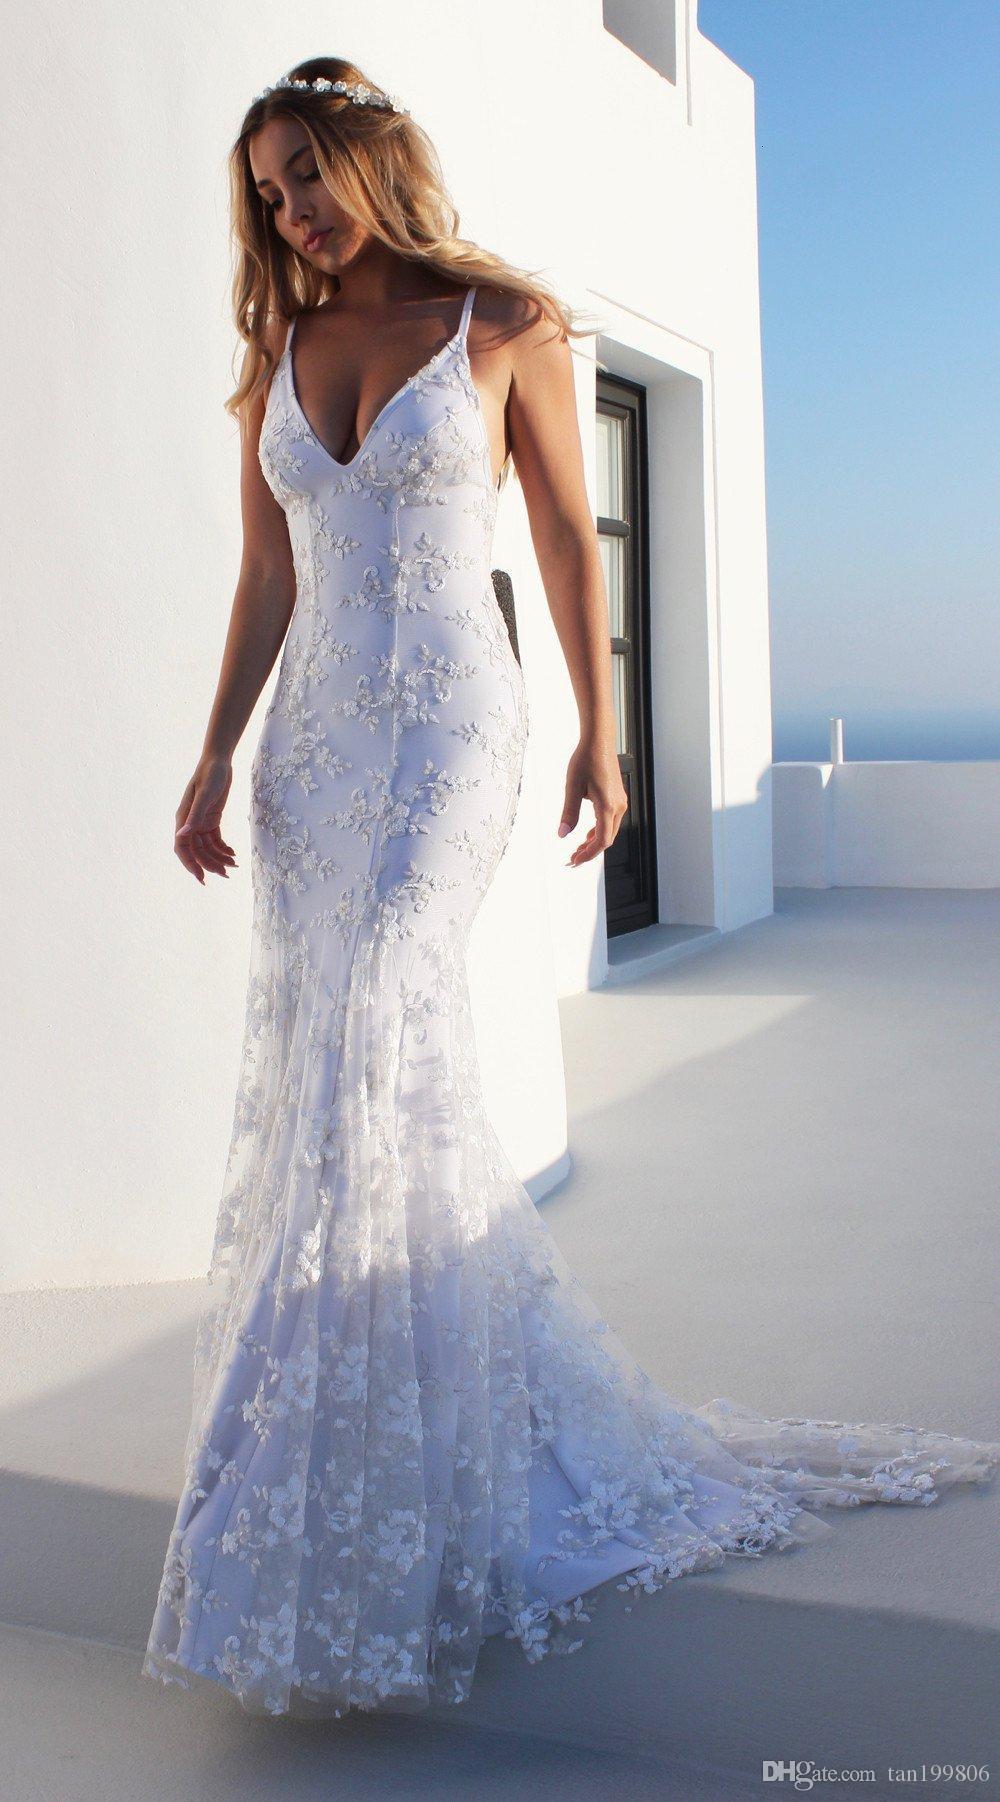 2019 Nouveau Femmes Robe longue Sexy Décolleté V Party Neck Casual Robe dos nu Robes blanches sans manches vêtements de vacances